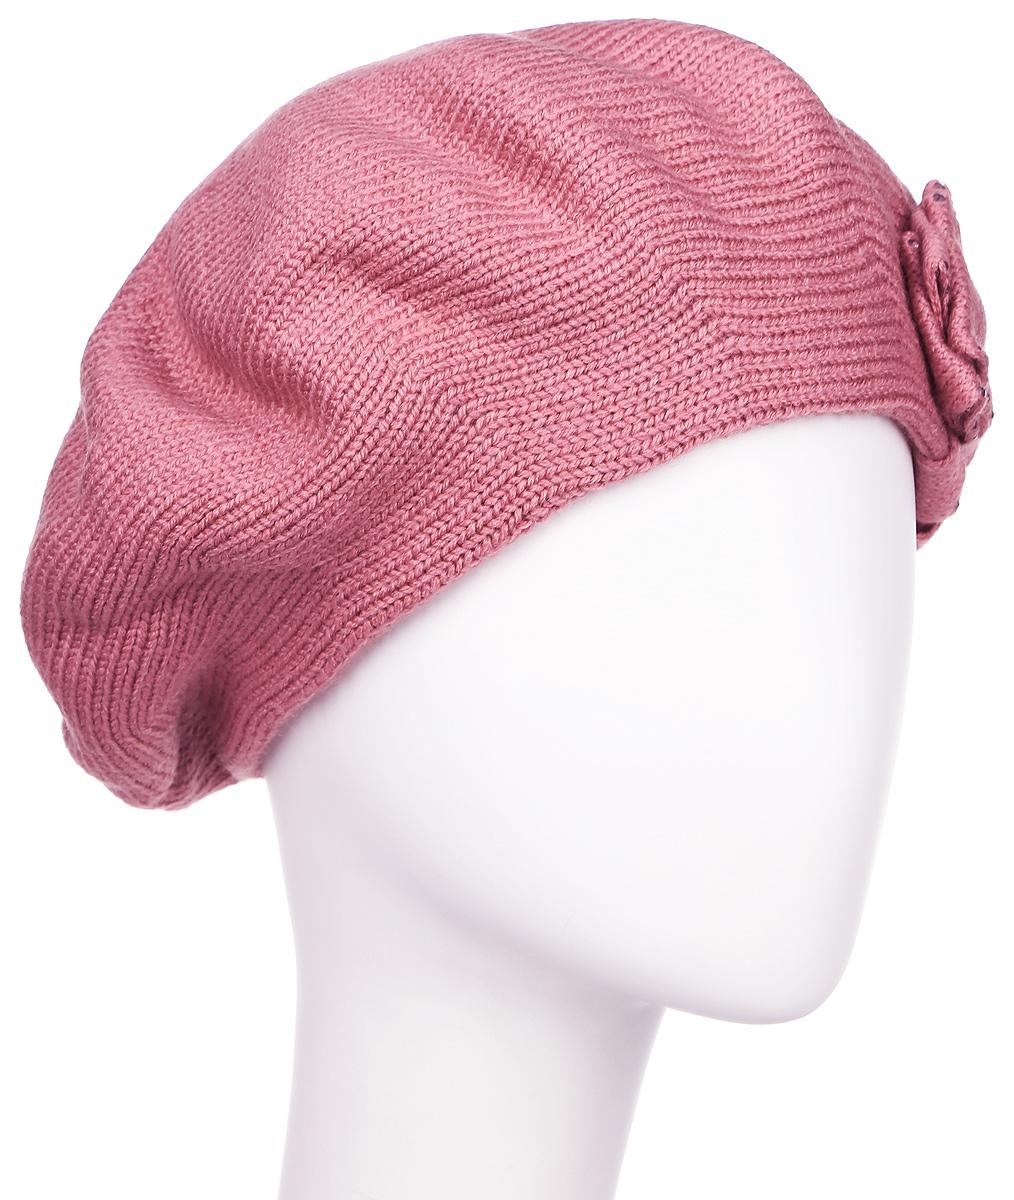 Берет женский Flioraj, цвет: пепельно-розовый. 1-012-266. Размер 581-012-266Элегантный женский берет Flioraj отлично дополнит ваш образ в холодную погоду. Берет выполнен из высококачественной комбинированной пряжи и оснащен вязаной подкладкой, что позволяет ему максимально сохранять тепло и обеспечивает удобную посадку. Берет оформлен декоративным вязаным бантом и украшен сверкающими стразами. Такая модель комфортна и приятна на ощупь, она великолепно подчеркнет ваш вкус и подойдет к любому наряду.Такой берет станет отличным дополнением к вашему осеннему или зимнему гардеробу, в нем вам будет уютно и тепло! Уважаемые клиенты!Размер, доступный для заказа, является обхватом головы.